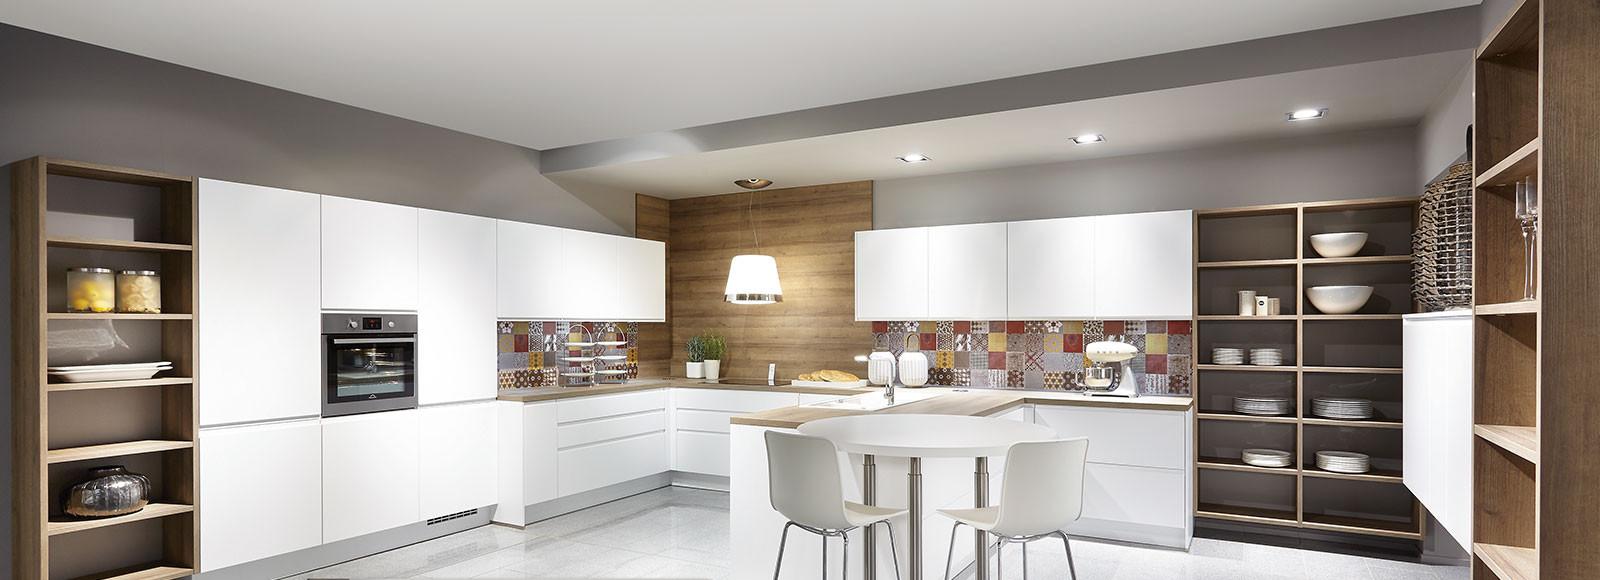 Cocinas zaragoza astilo cocinas - Imagenes de cocinas empotradas ...